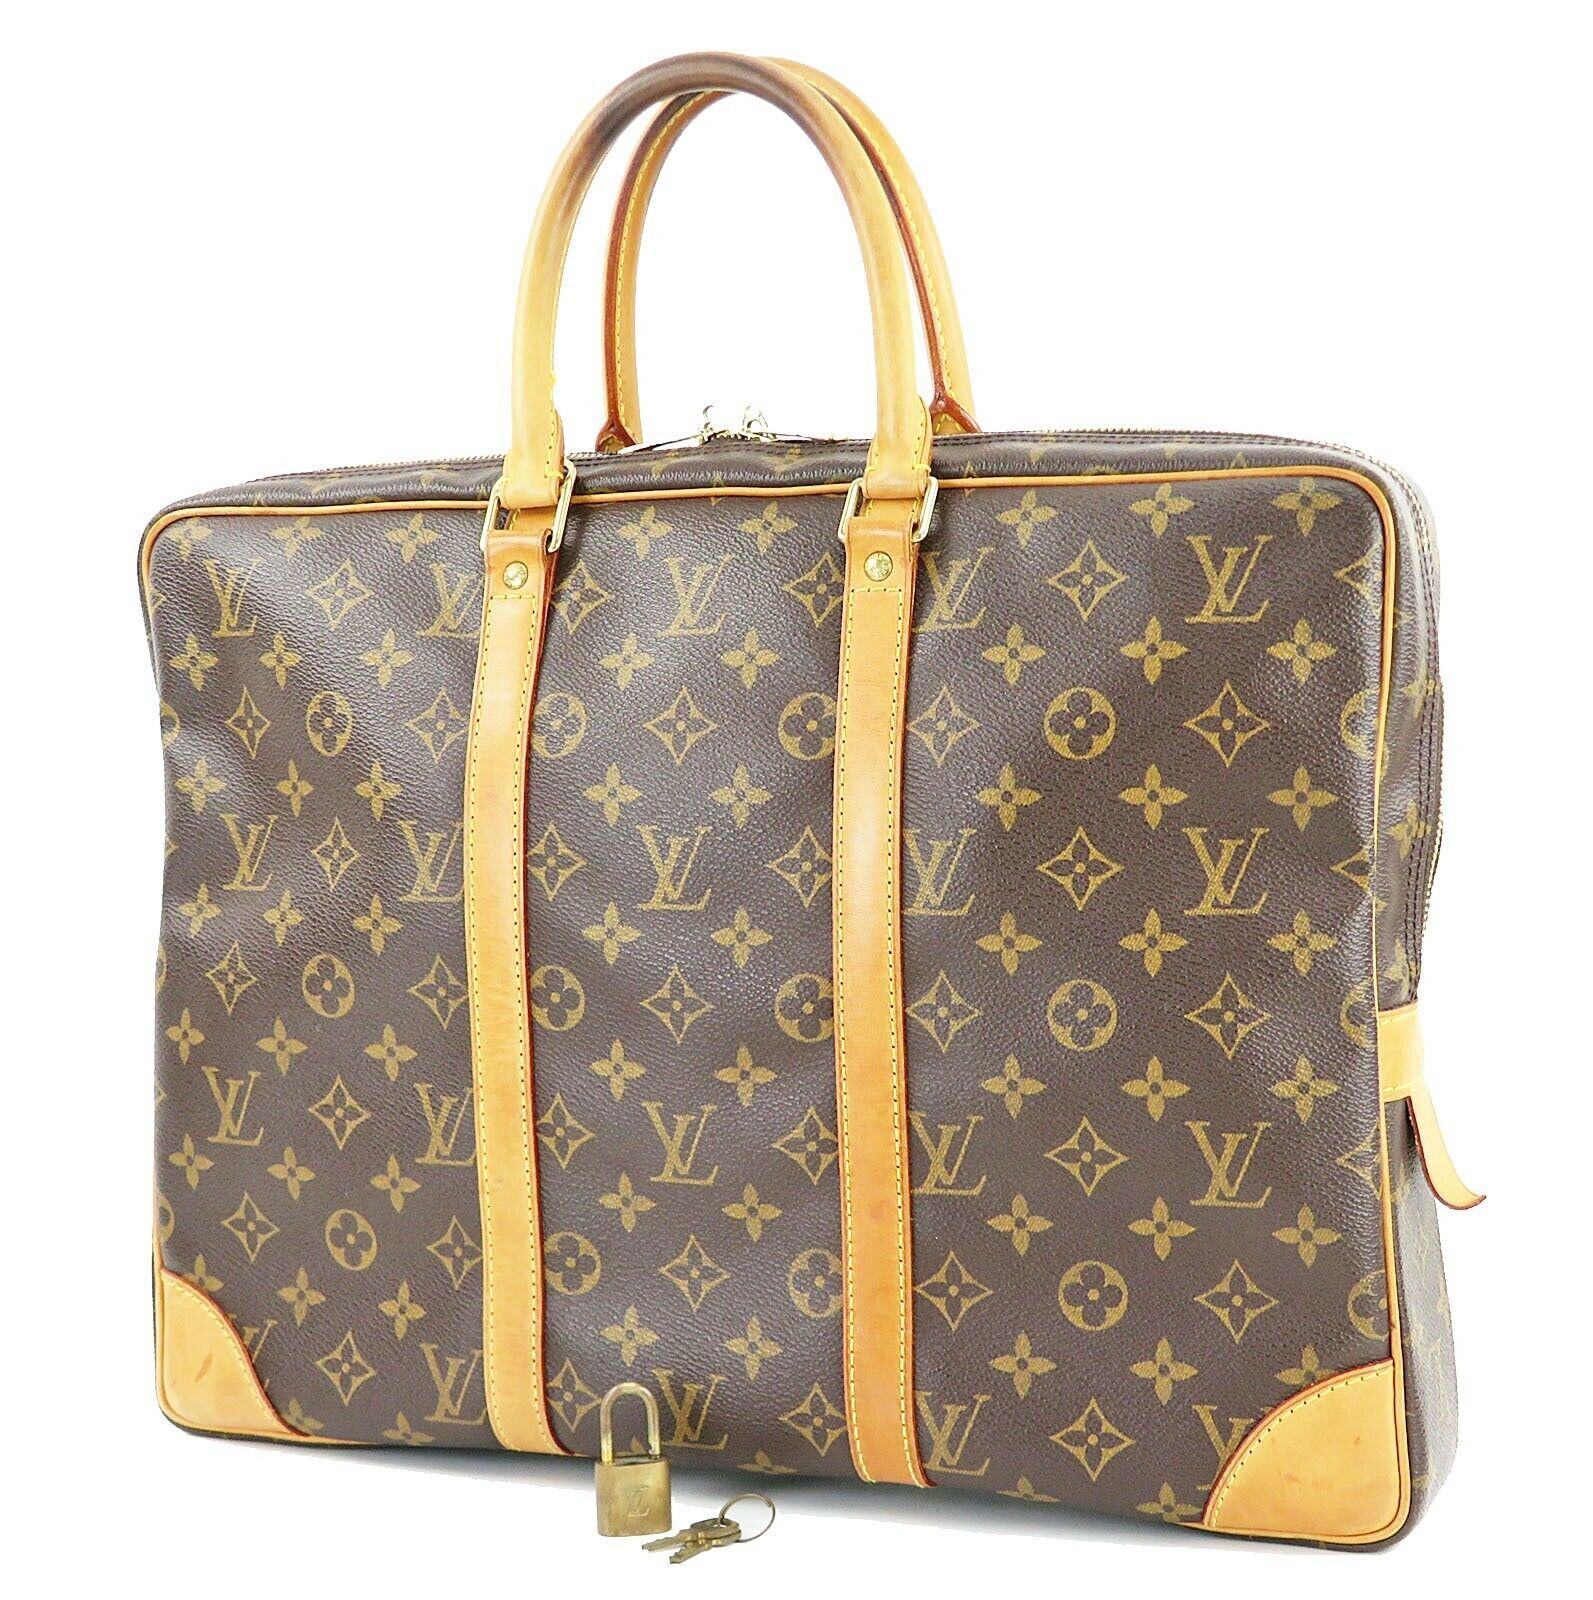 Authentic LOUIS VUITTON Porte-Documents Voyage Monogram Briefcase Bag #32069